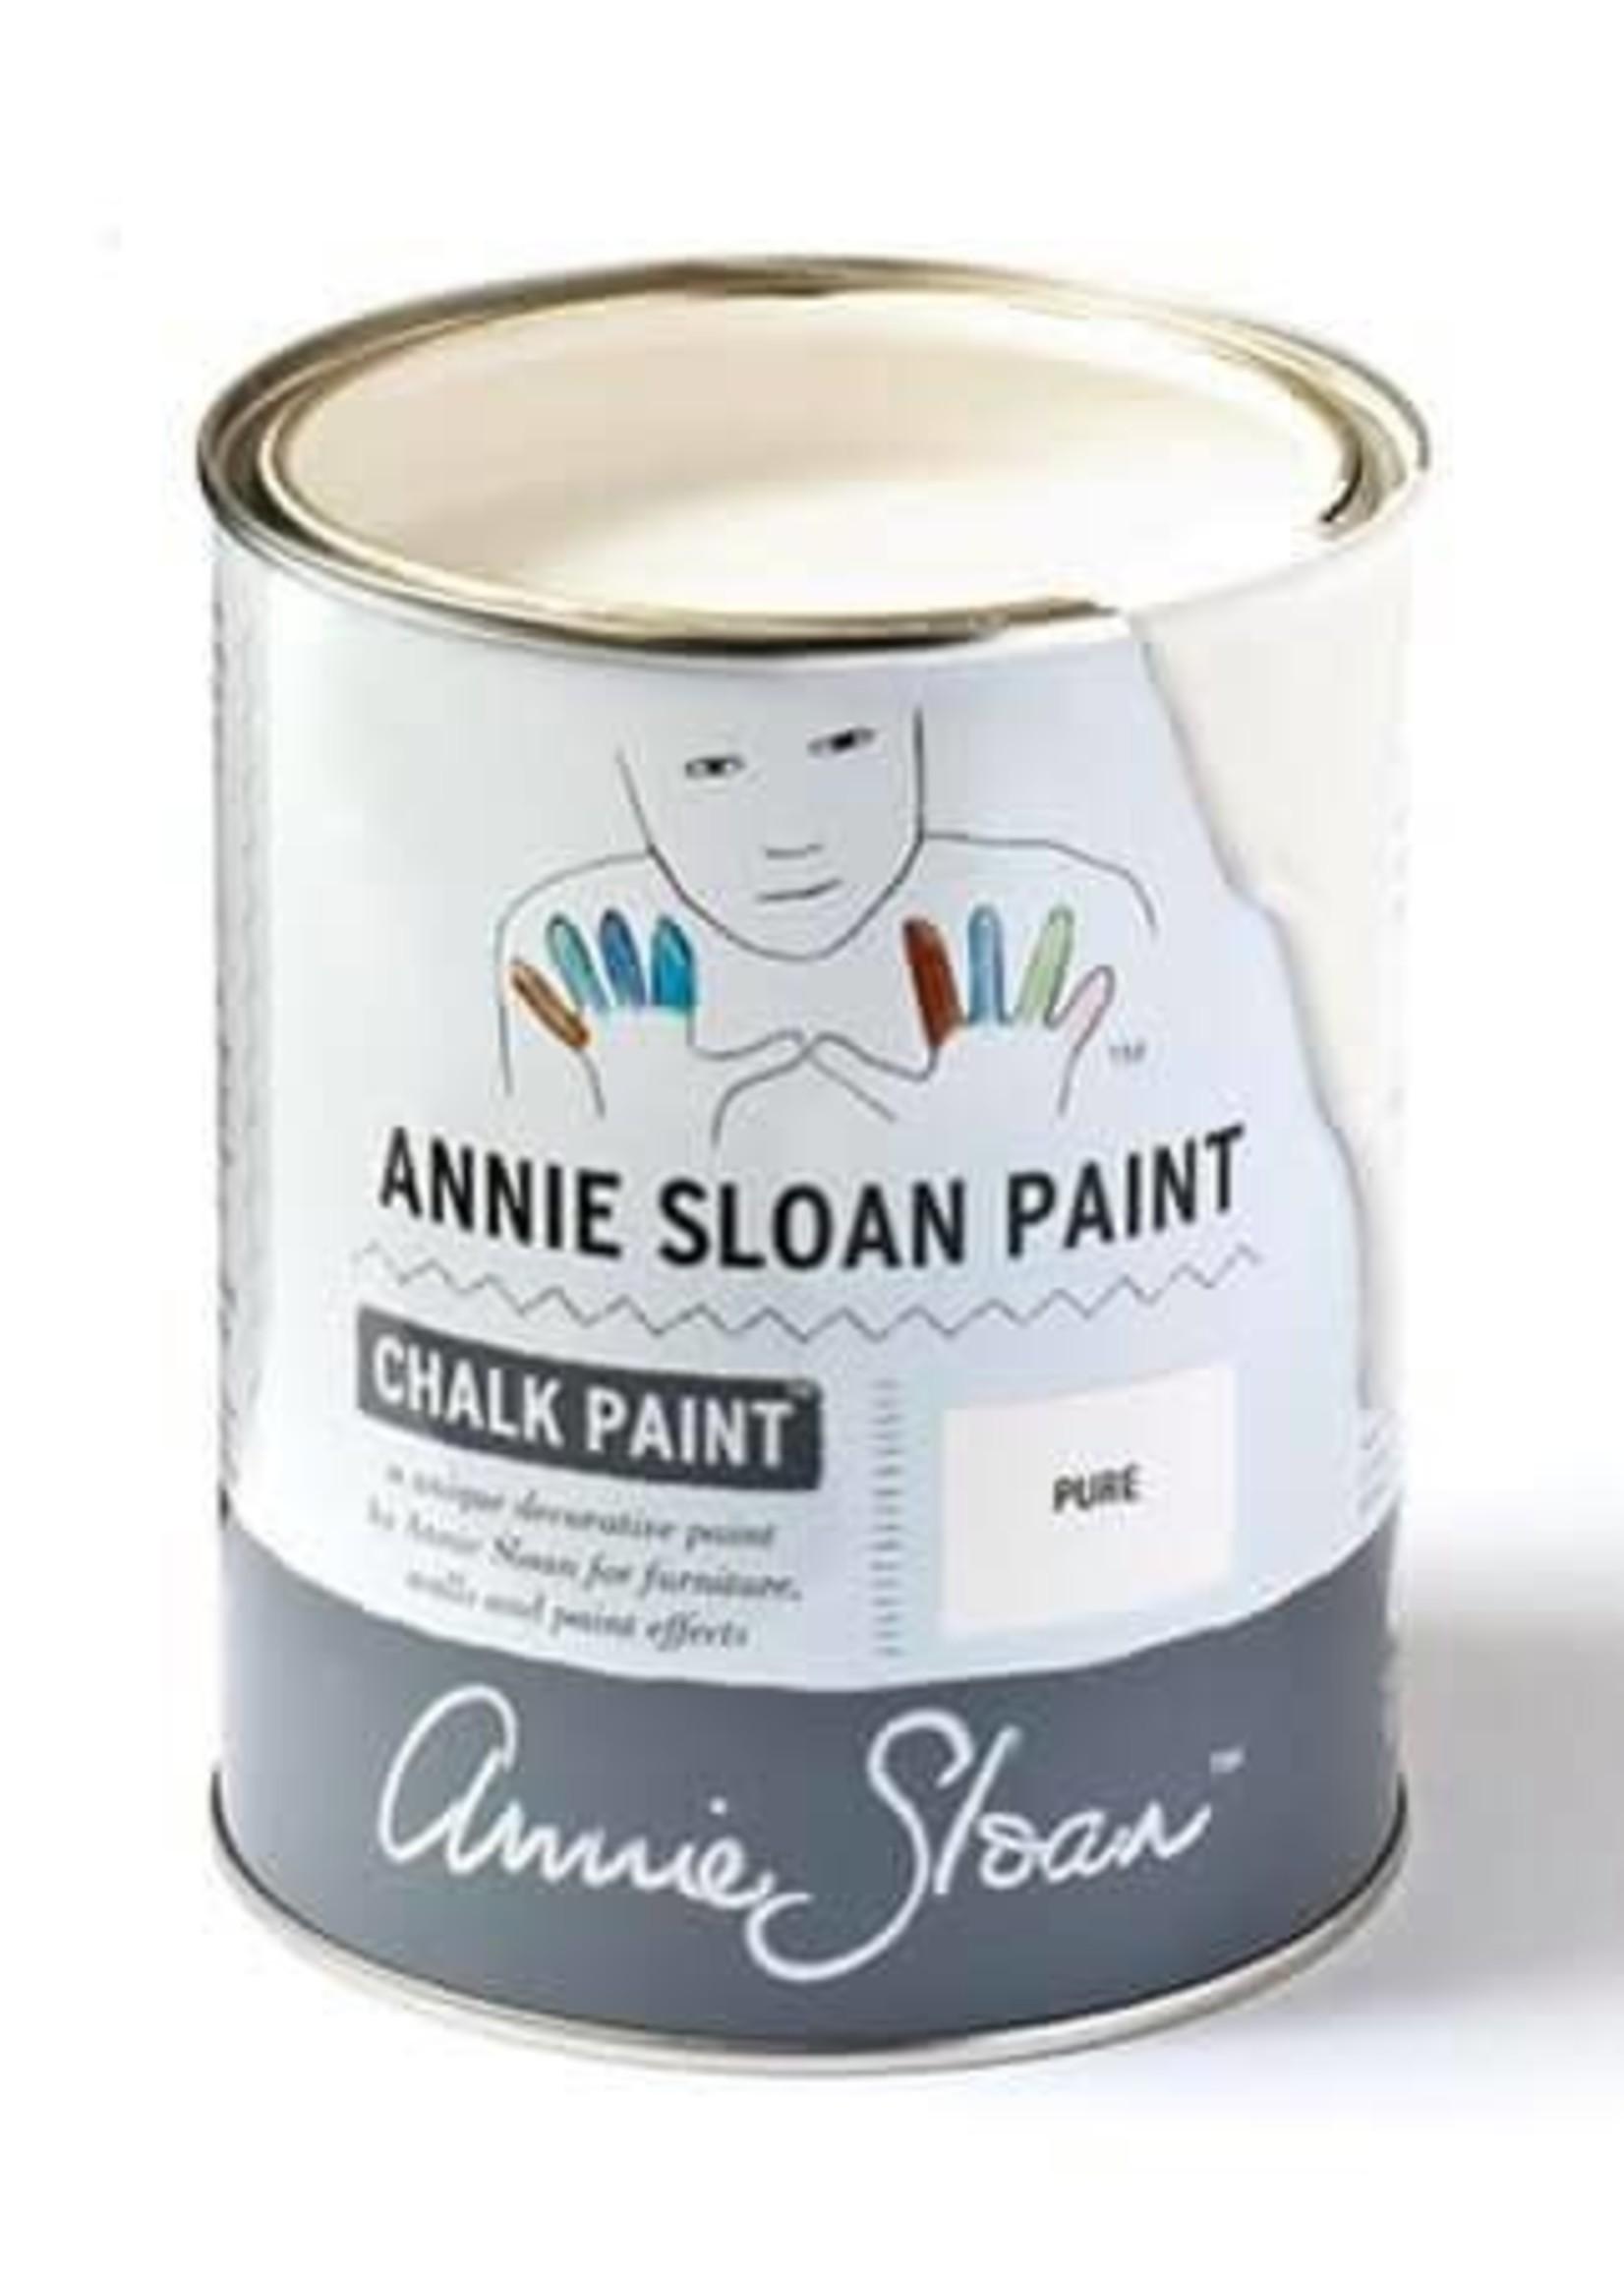 Annie Sloan Chalk Paint® Pure Annie Sloan Chalk Paint ®